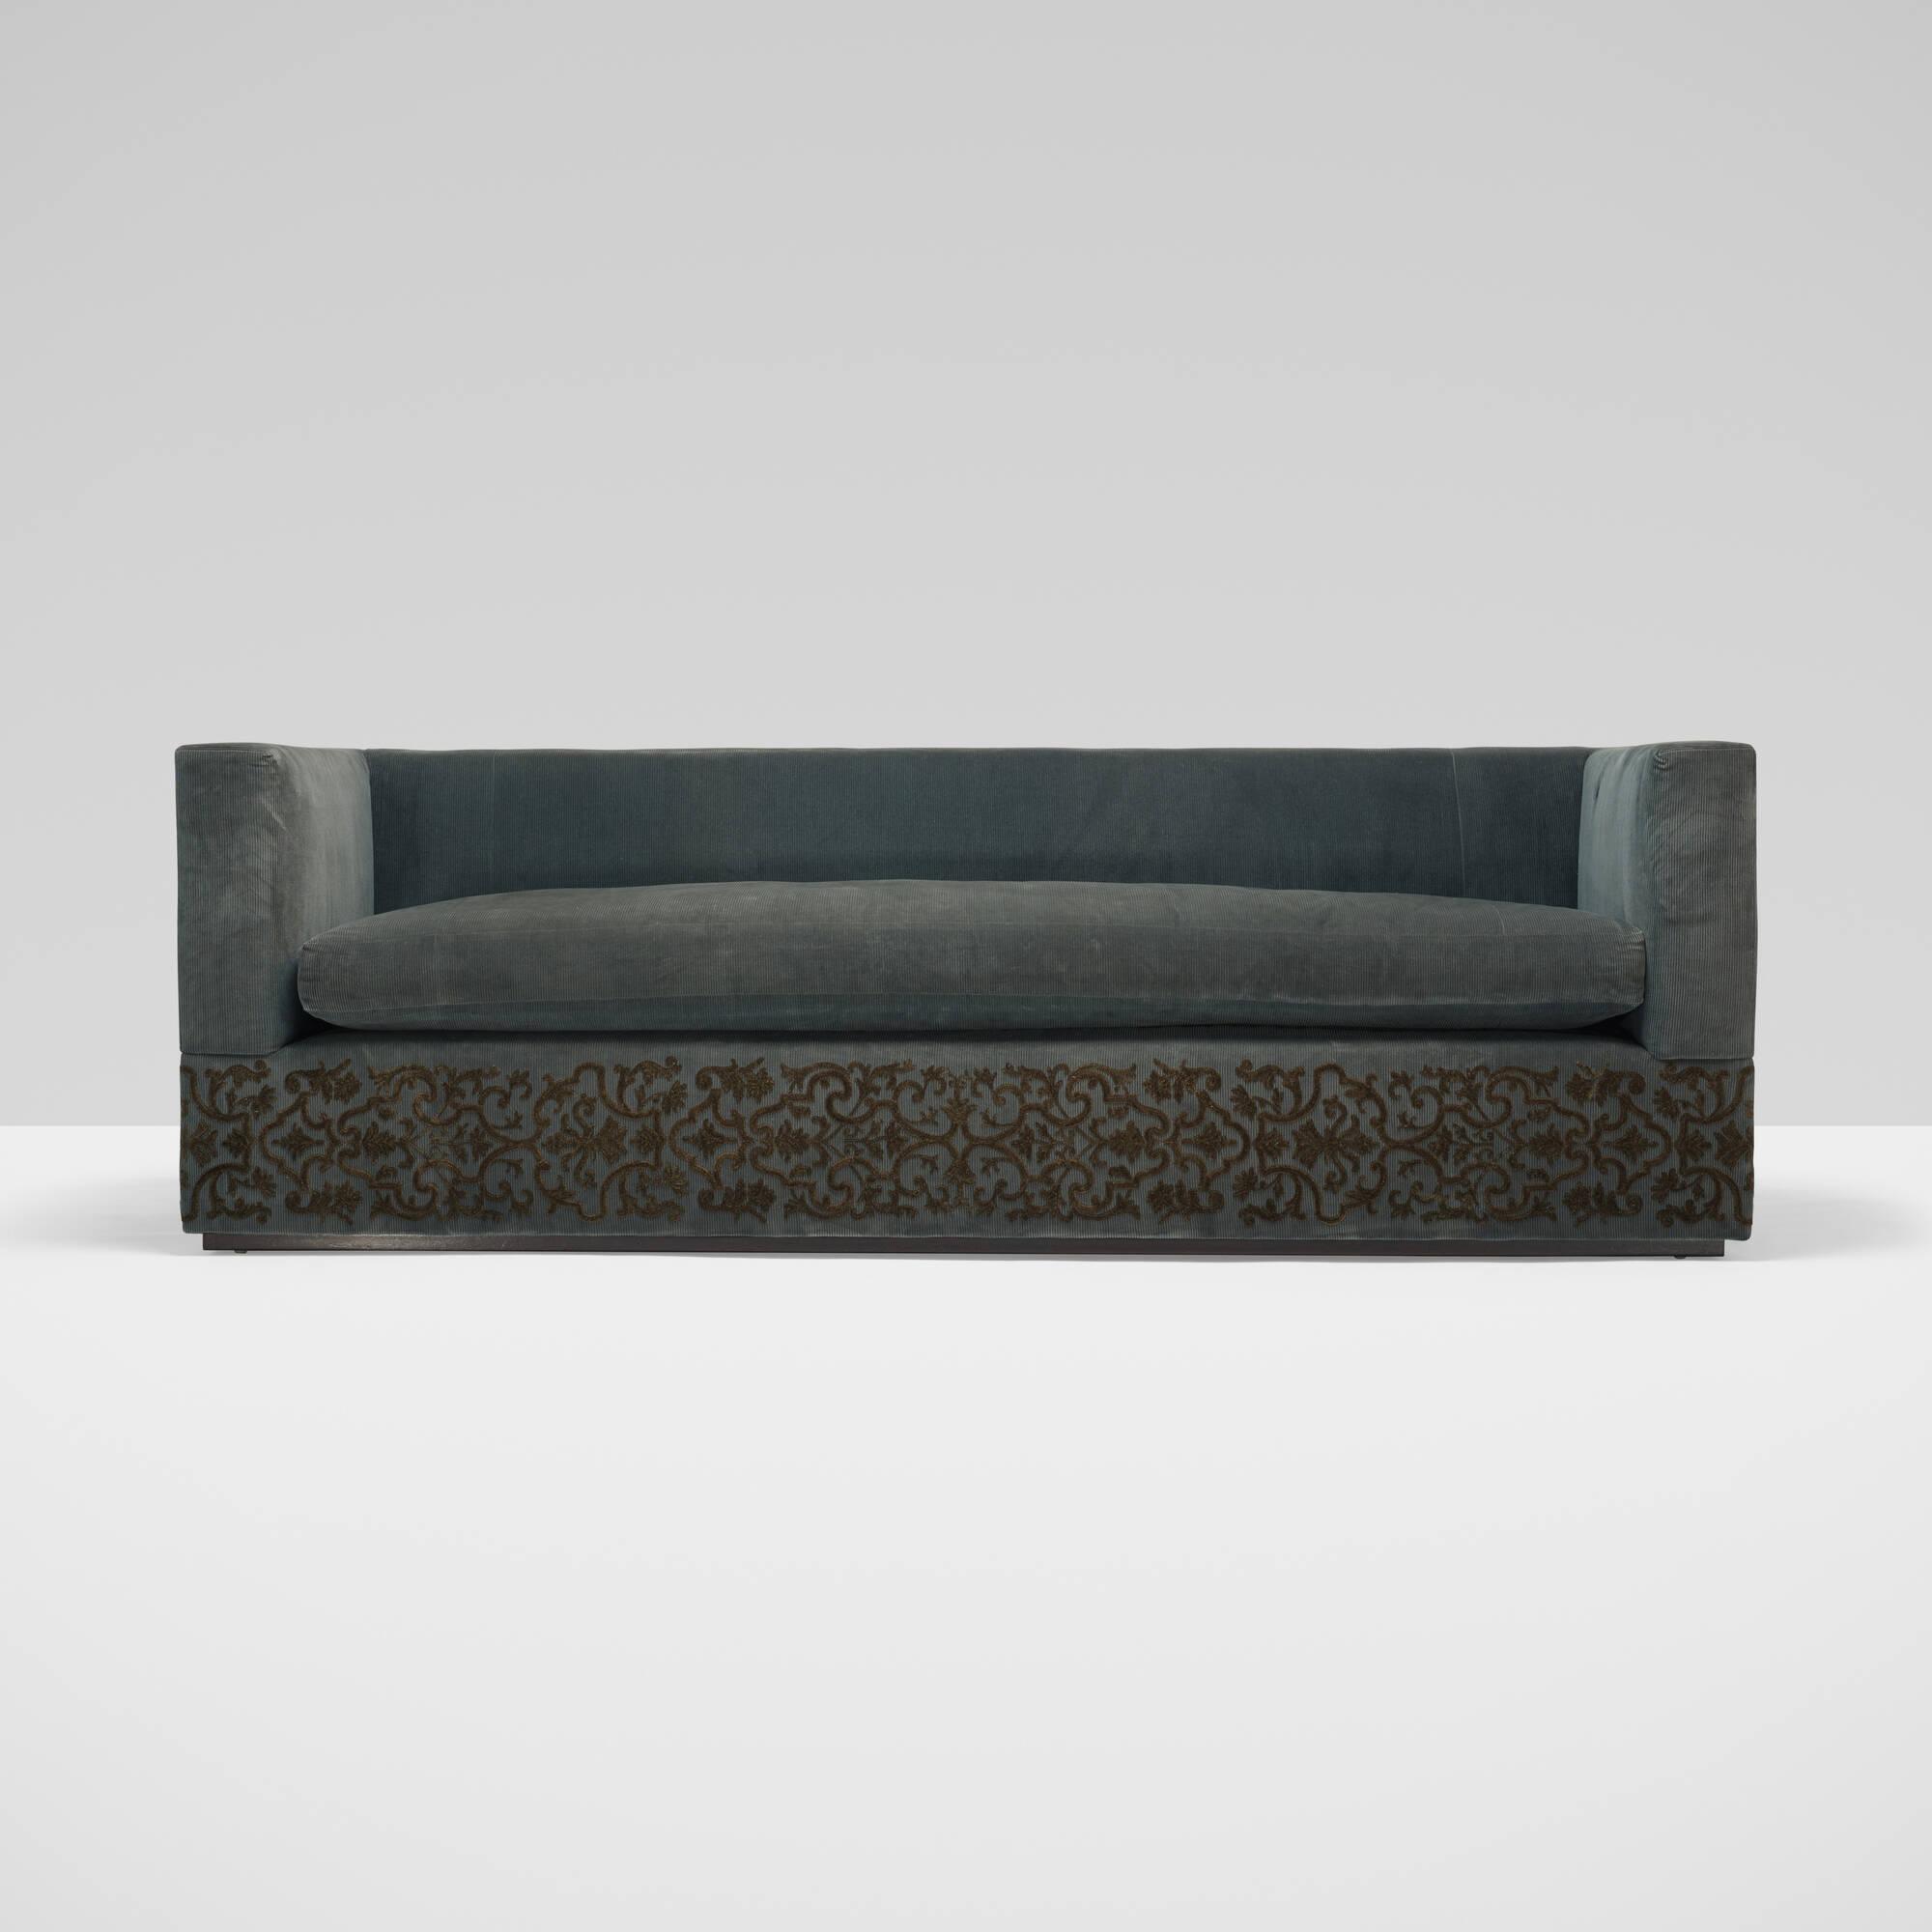 259: Muriel Brandolini / custom Gwathmey sofa (2 of 2)